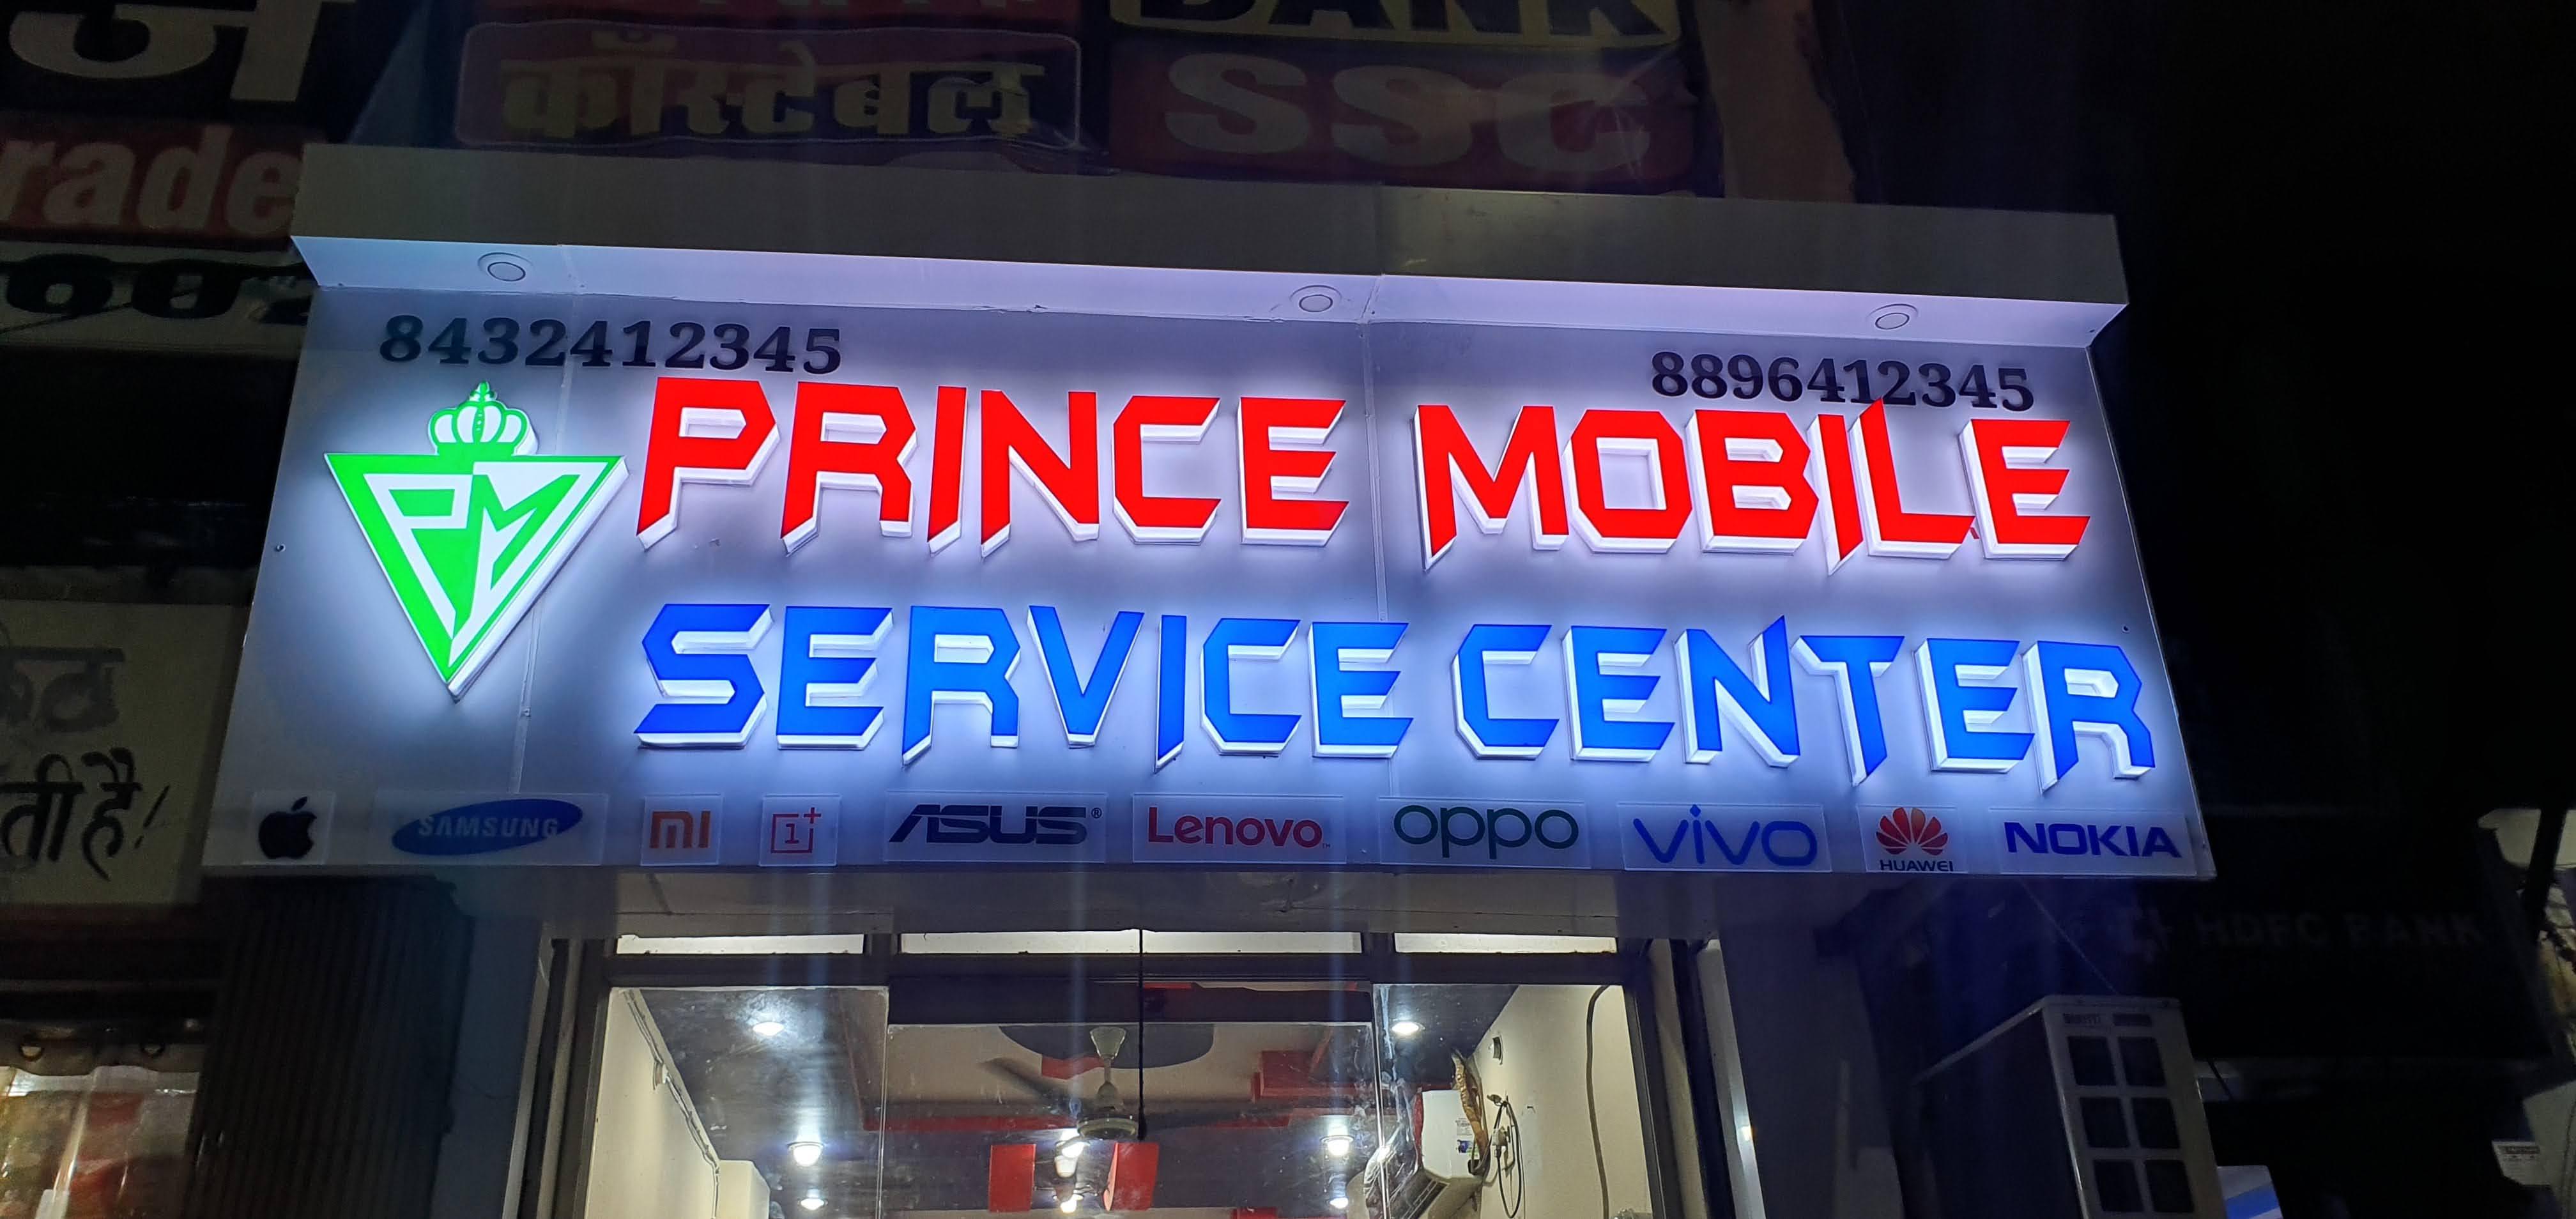 Prince Mobile Service Centre